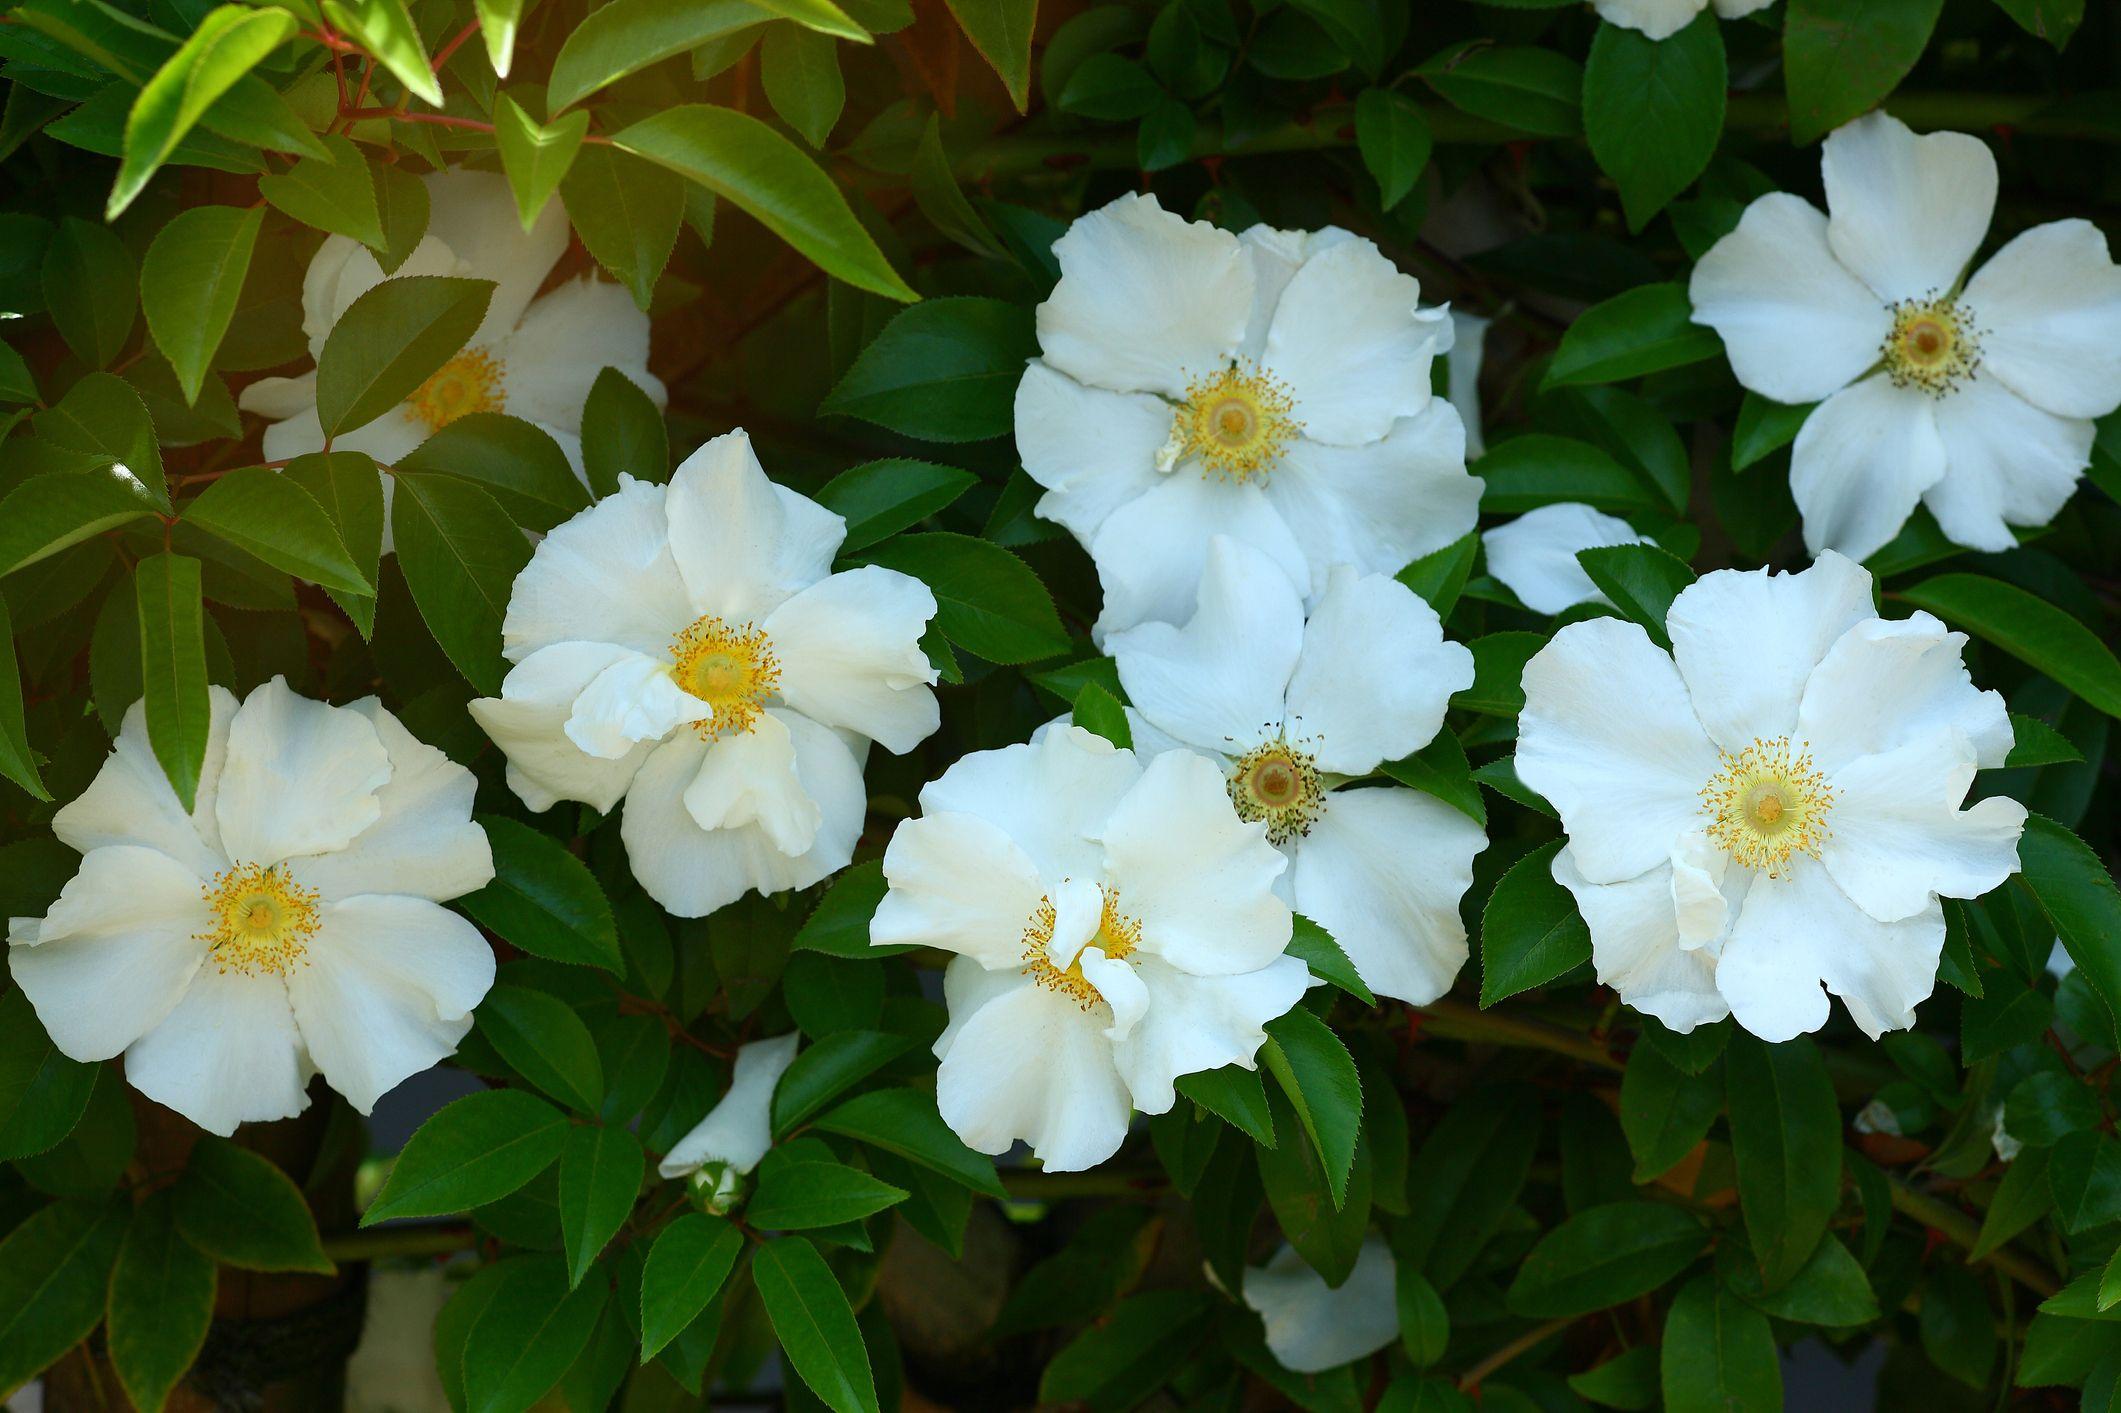 26. Cherokee Rose - Georgia